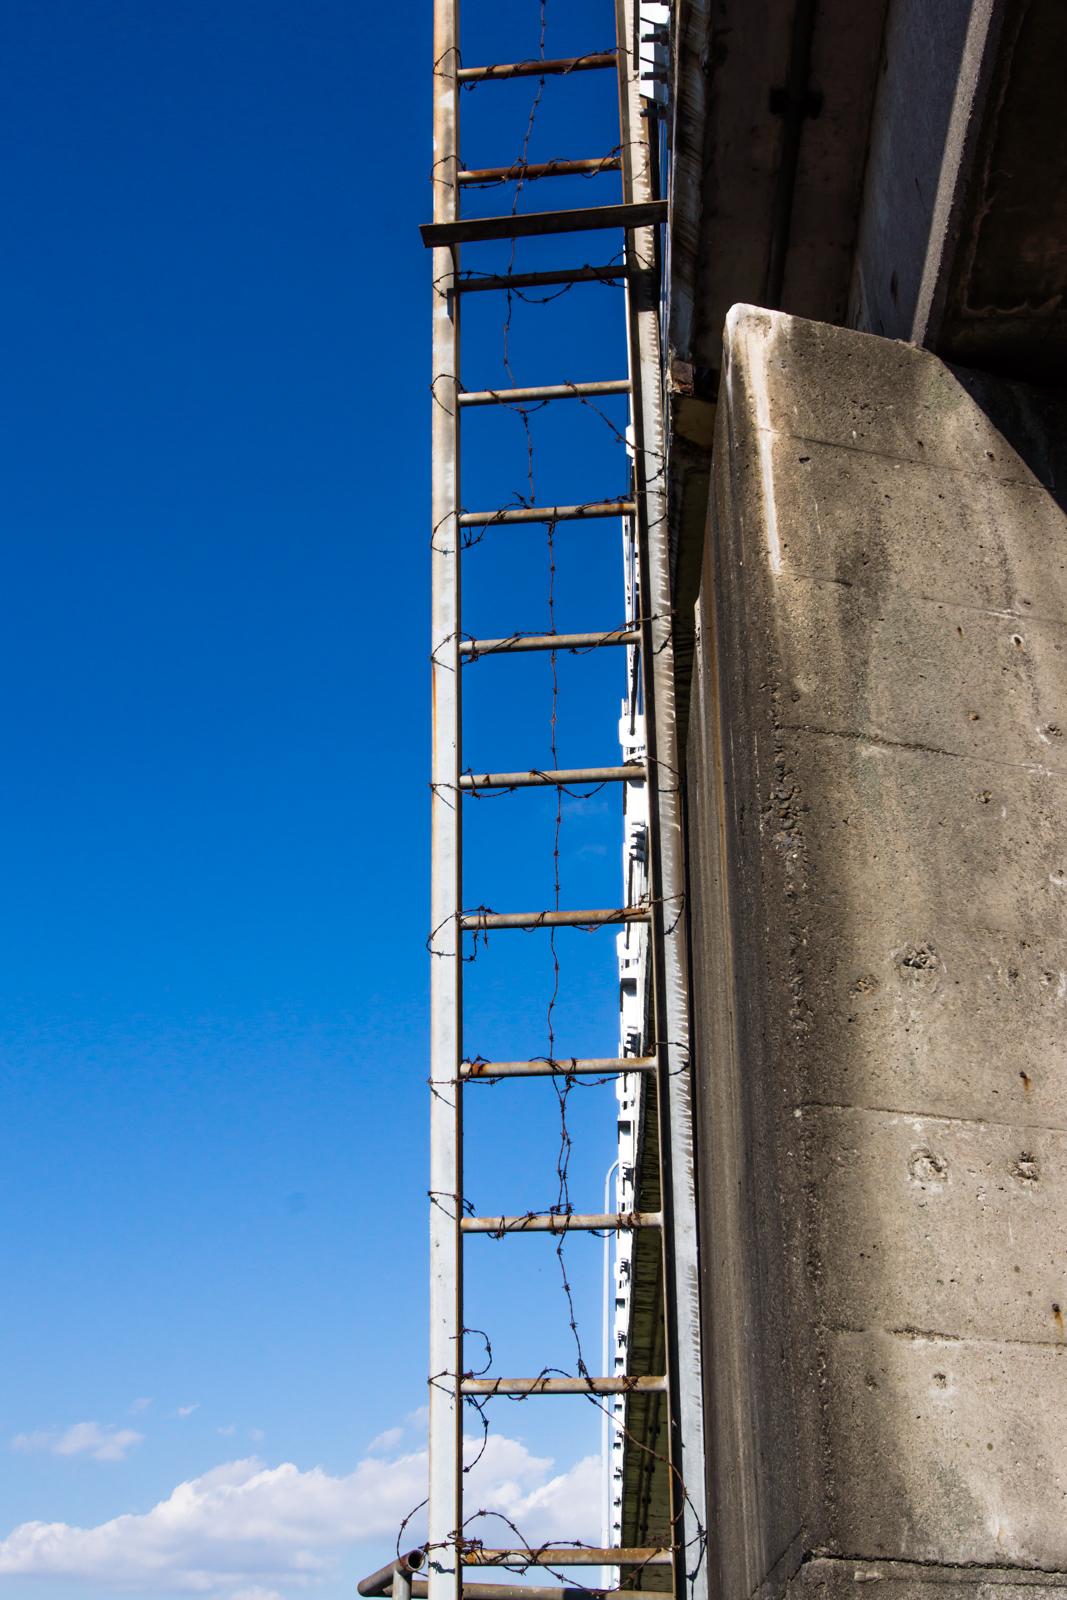 有刺鉄線が巻かれた梯子と青空の写真